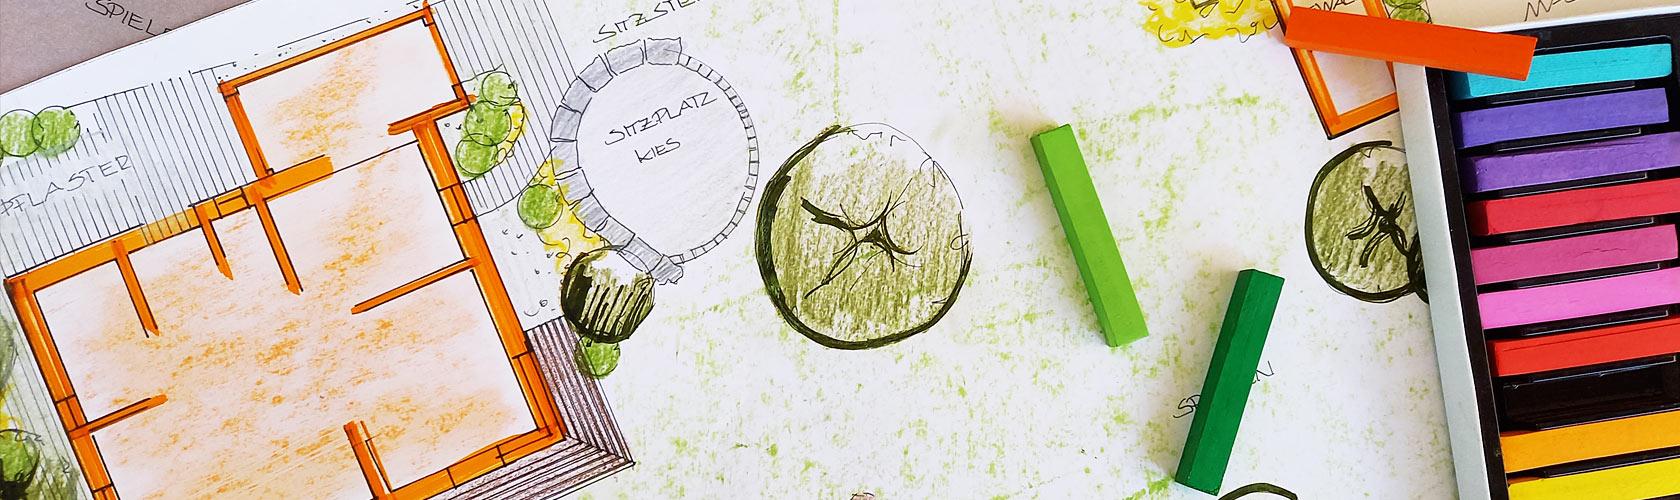 Garten Und Landschaftsbau Augsburg willkommen beim christoph! baumschulgarten · garten- und